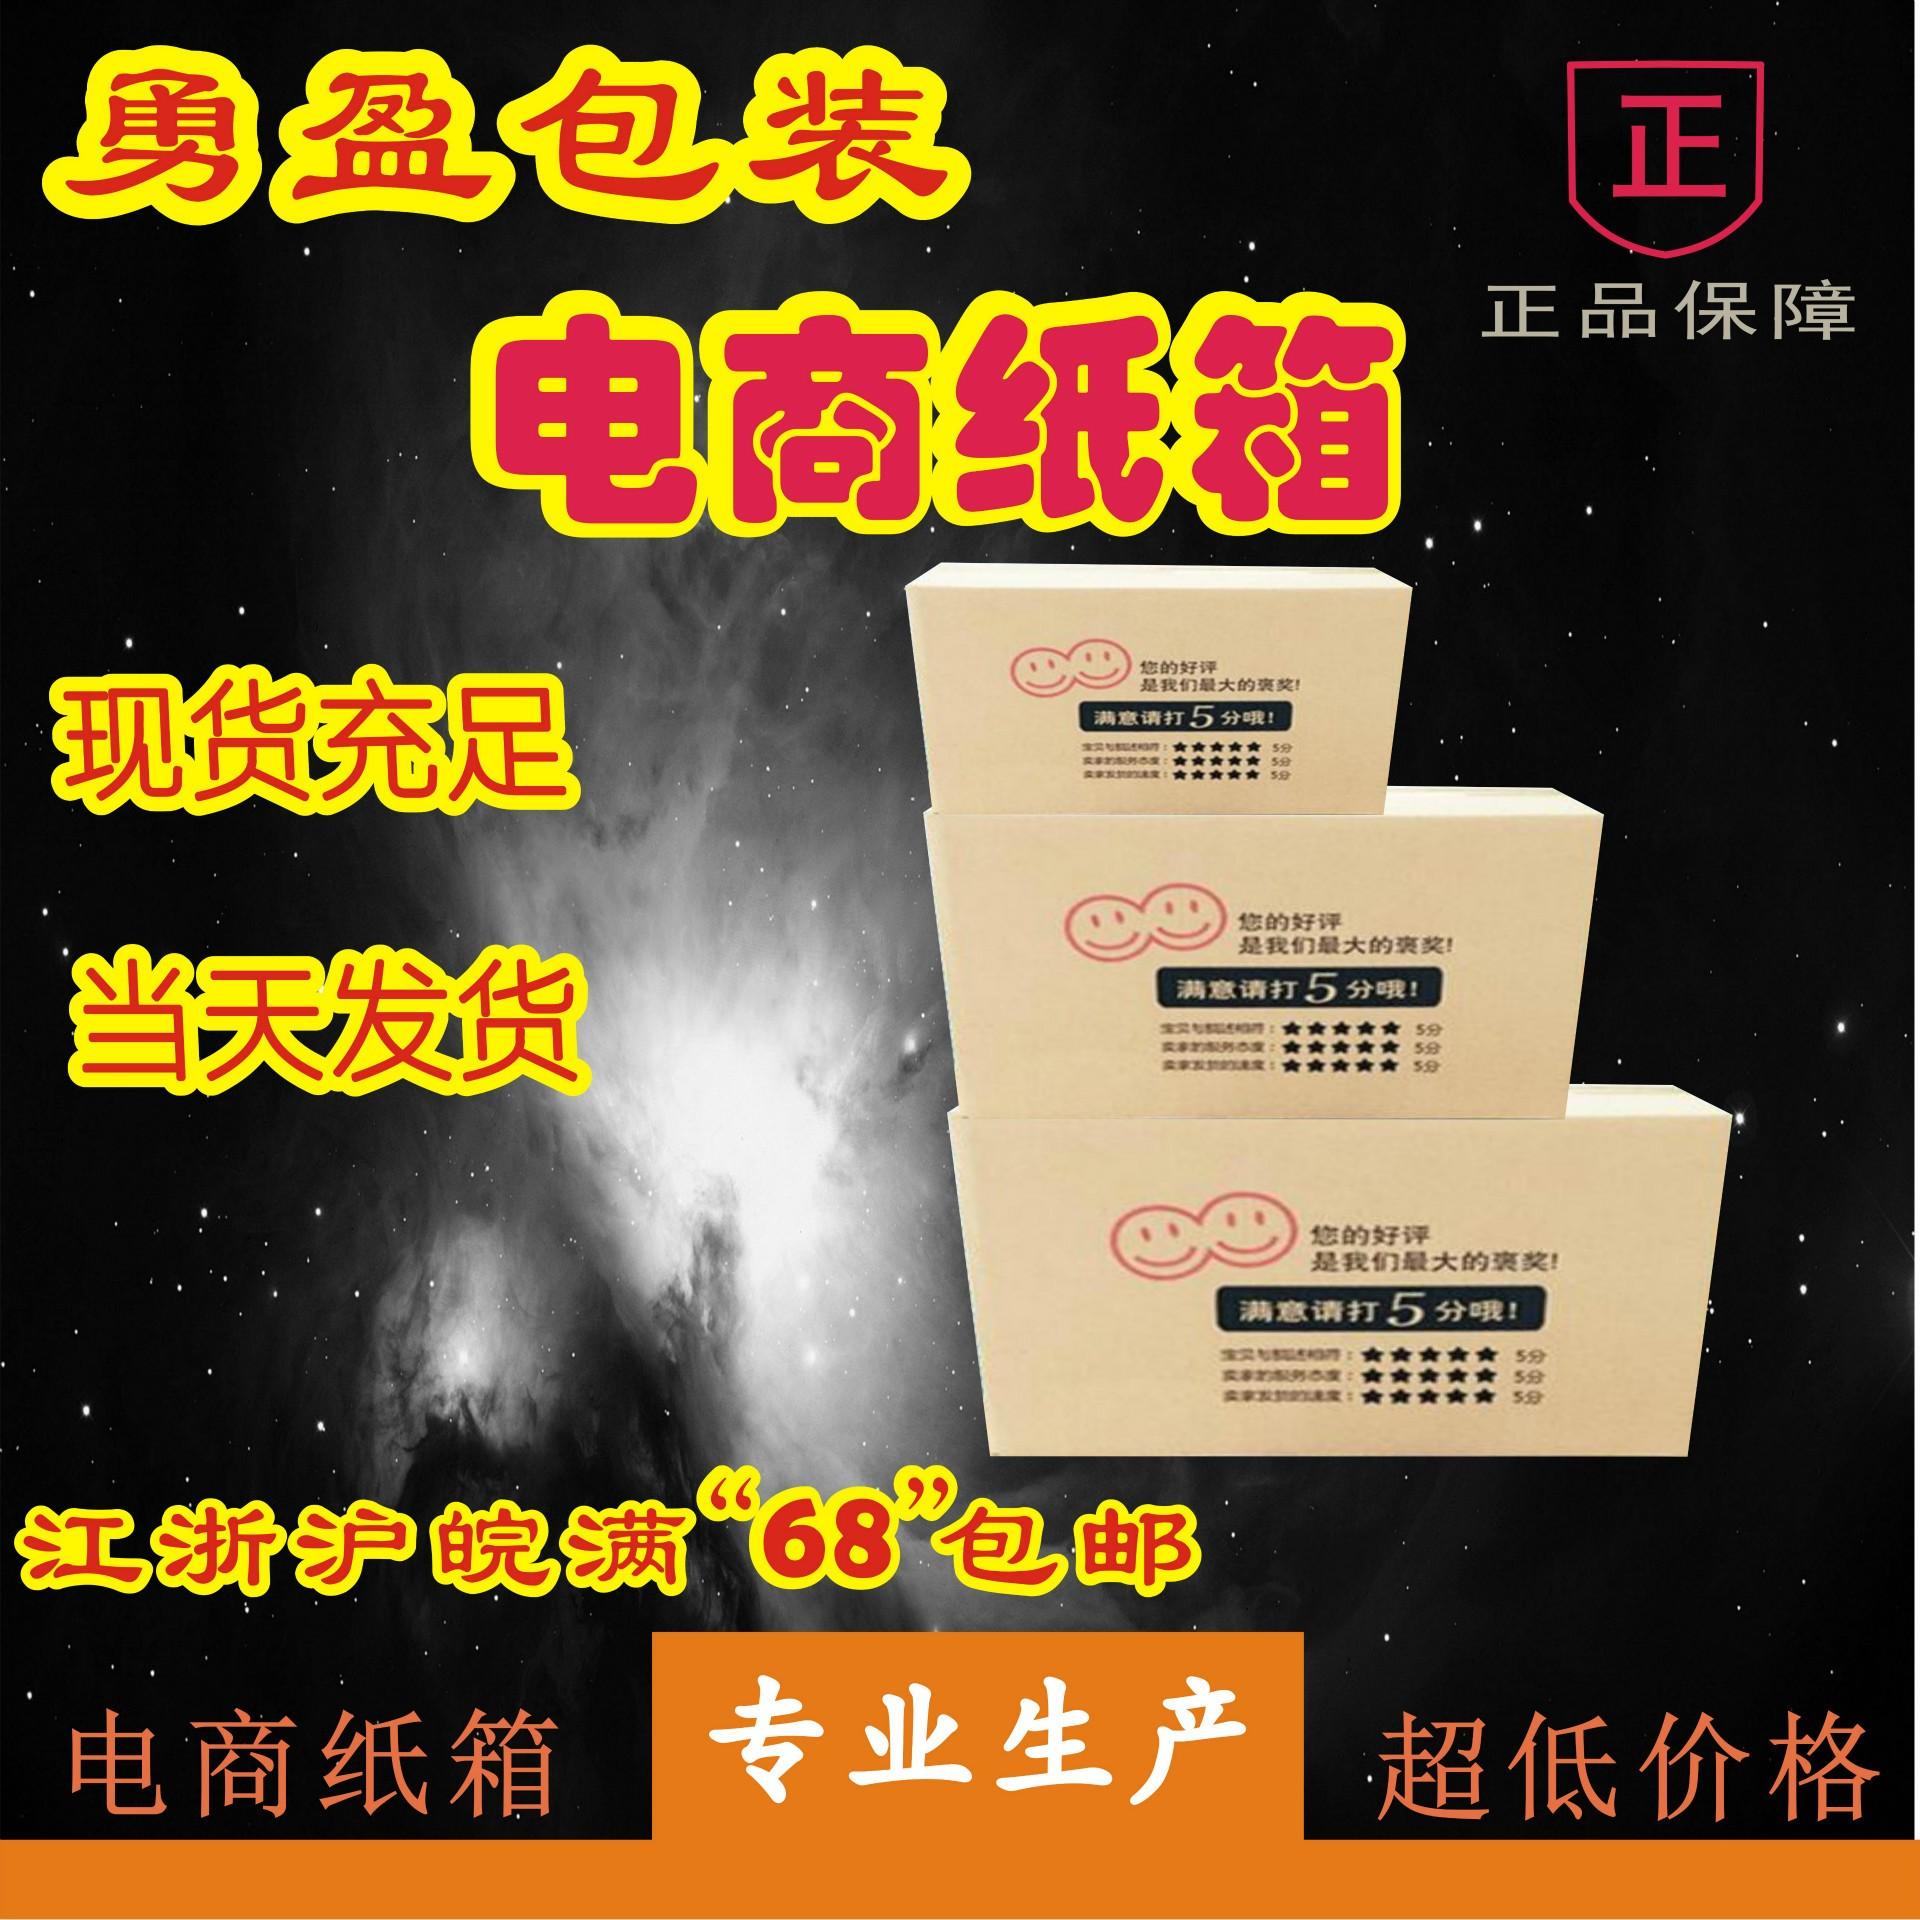 上海勇盈包装直销快递三层纸箱包装箱物流箱邮政箱包装资料